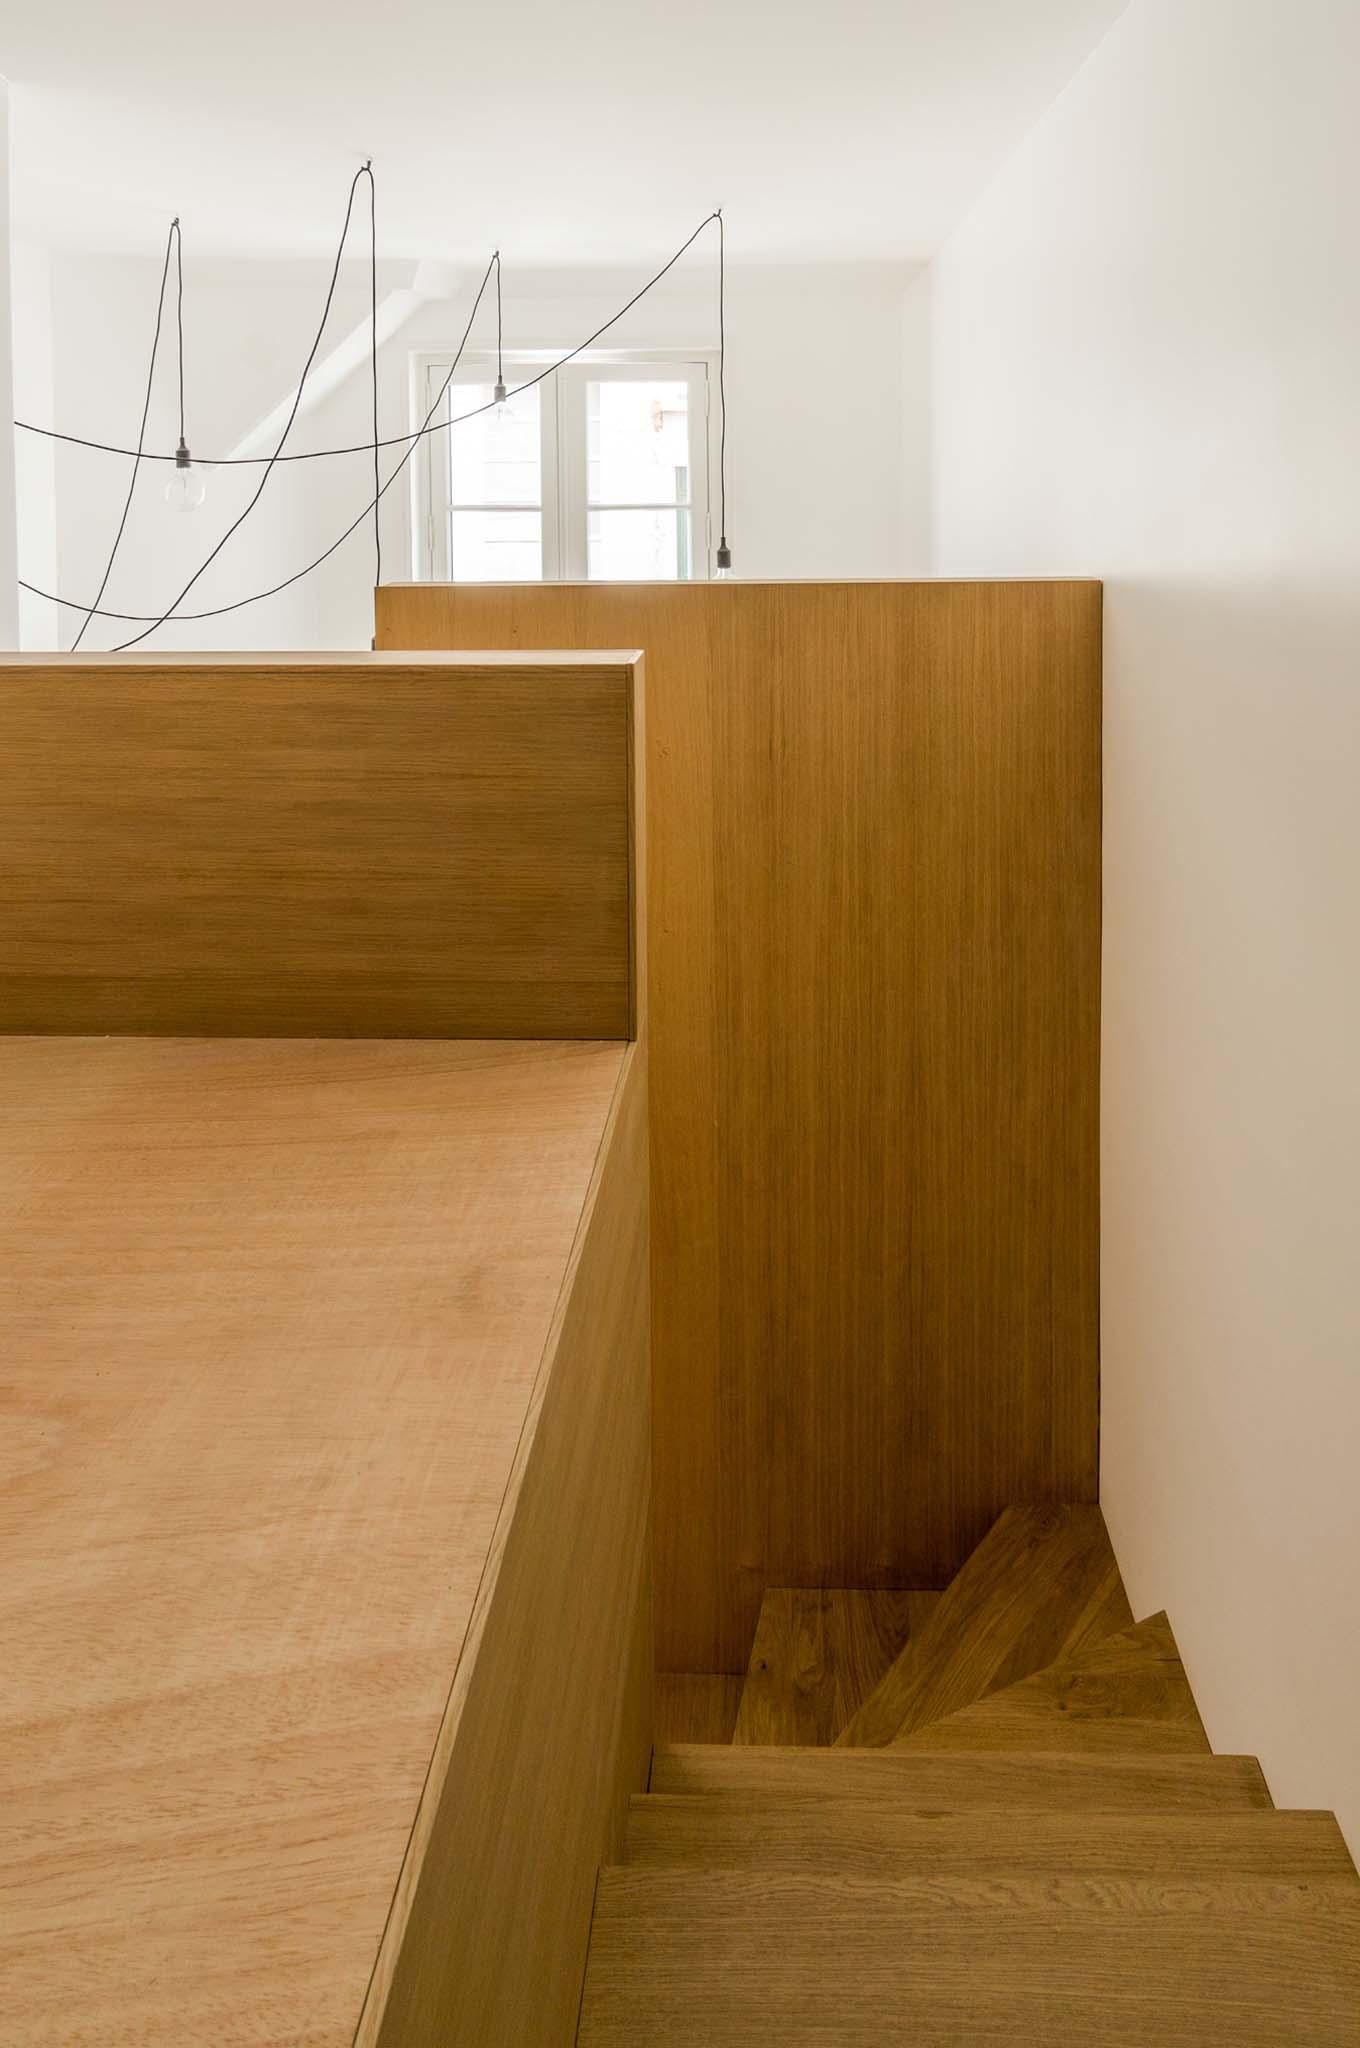 transformation d une ancienne loge de concierge en logement abdpa architectes paris. Black Bedroom Furniture Sets. Home Design Ideas